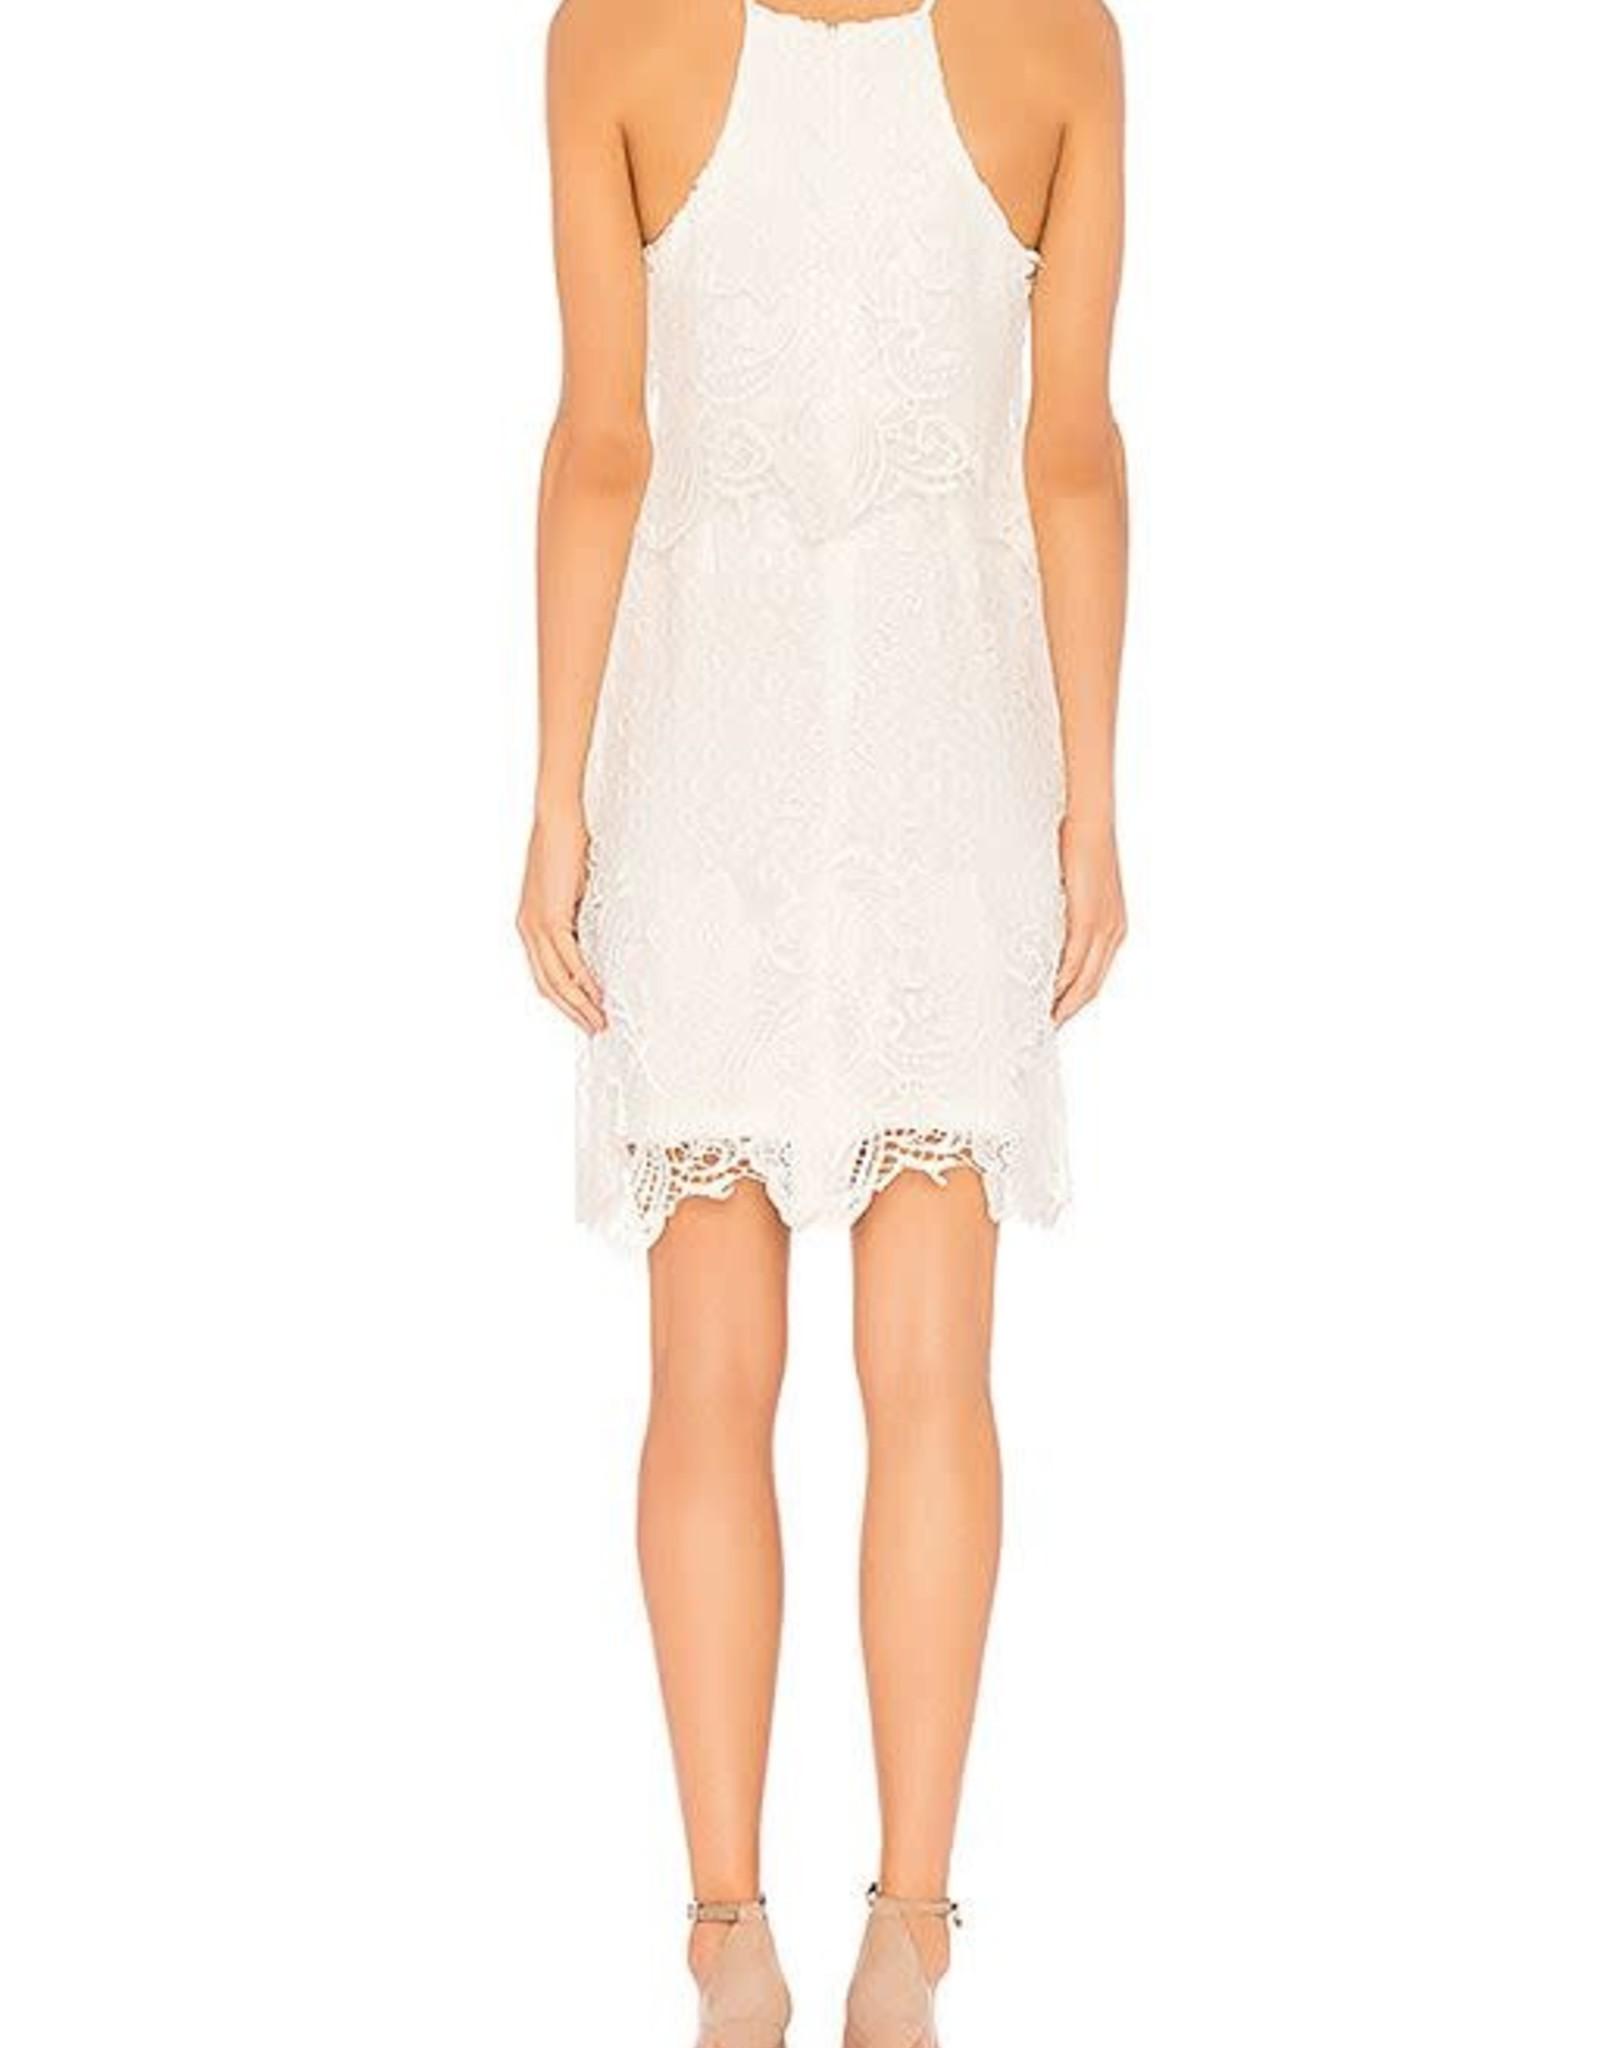 White Bodycon Lace Dress